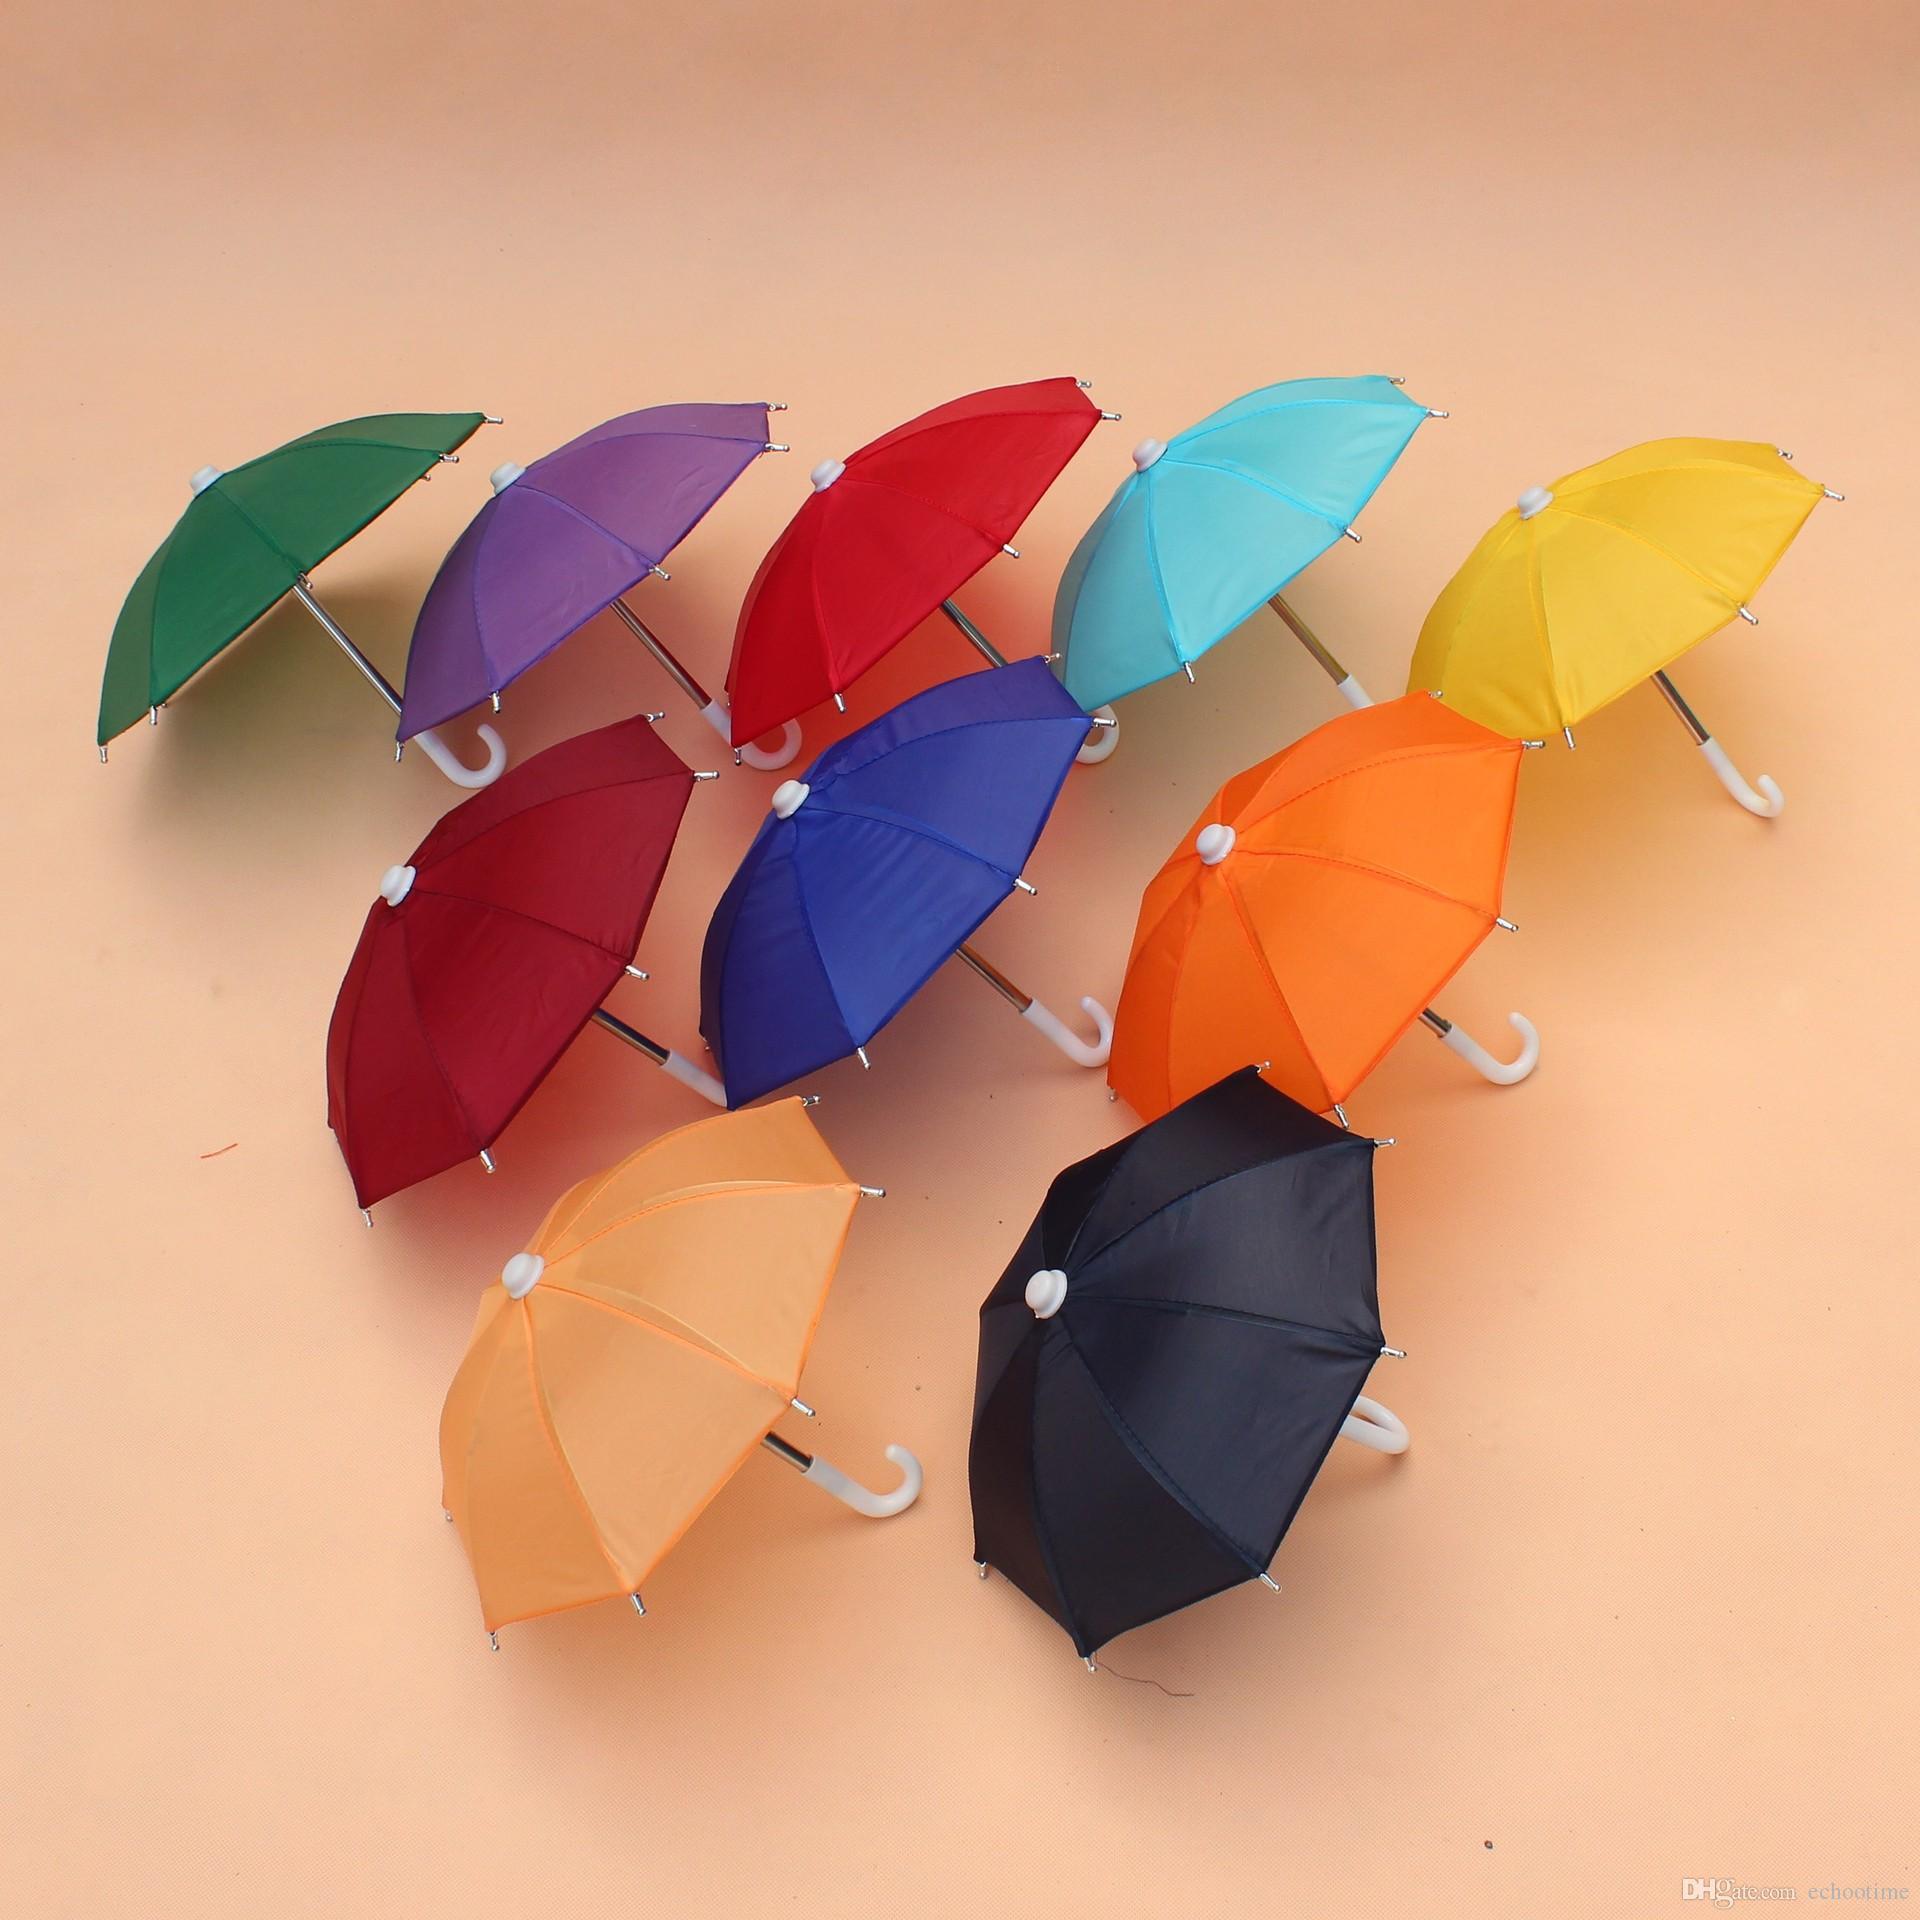 500 stücke Mini Simulation Regenschirm Für Kinder Spielzeug Cartoon Viele Farbe Regenschirme Dekorative Fotografie Requisiten Tragbare Und Licht